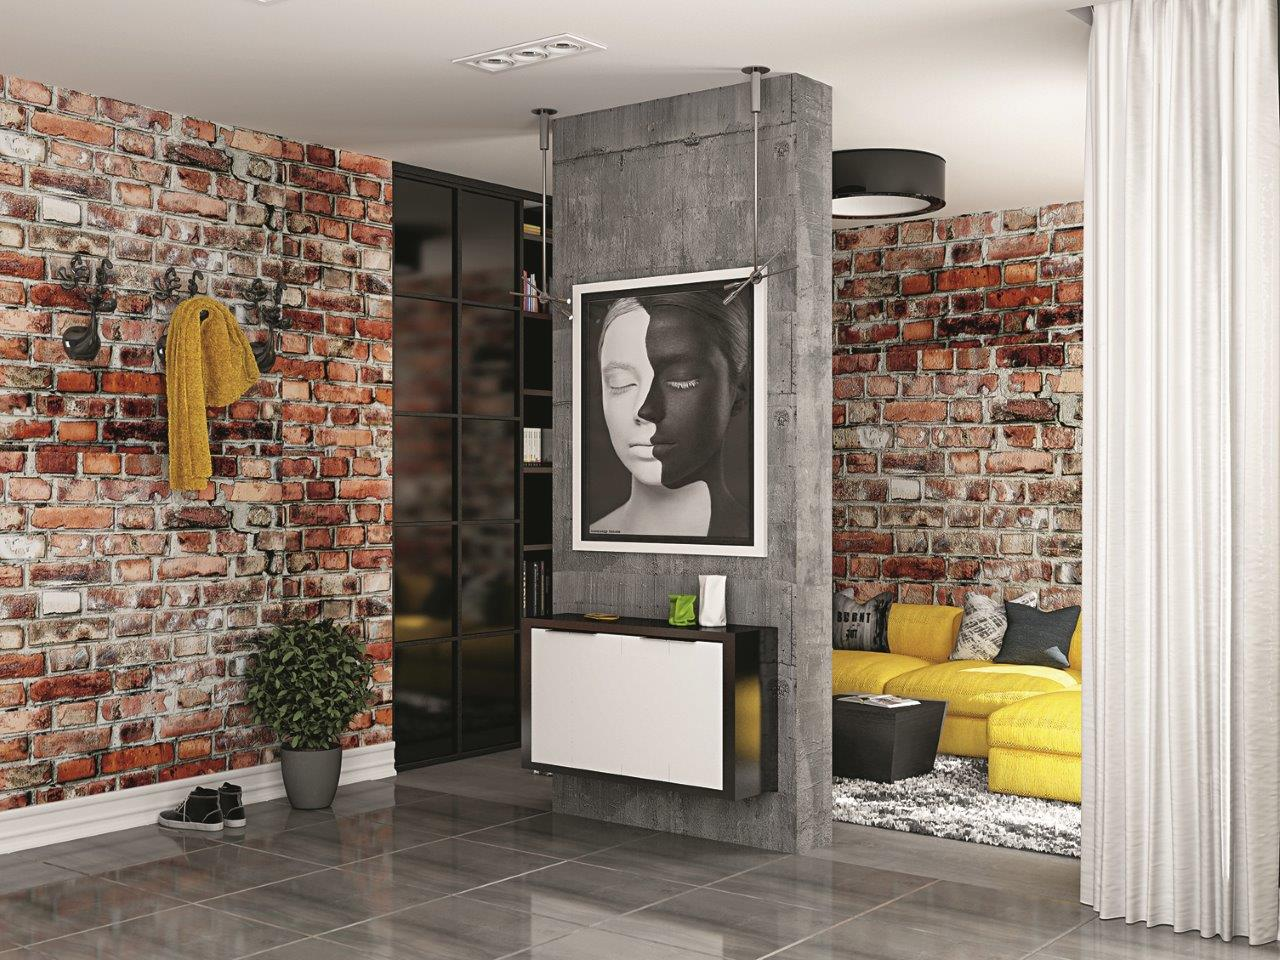 Интерьер в стиле лофт: 20 идей оформления гостиной